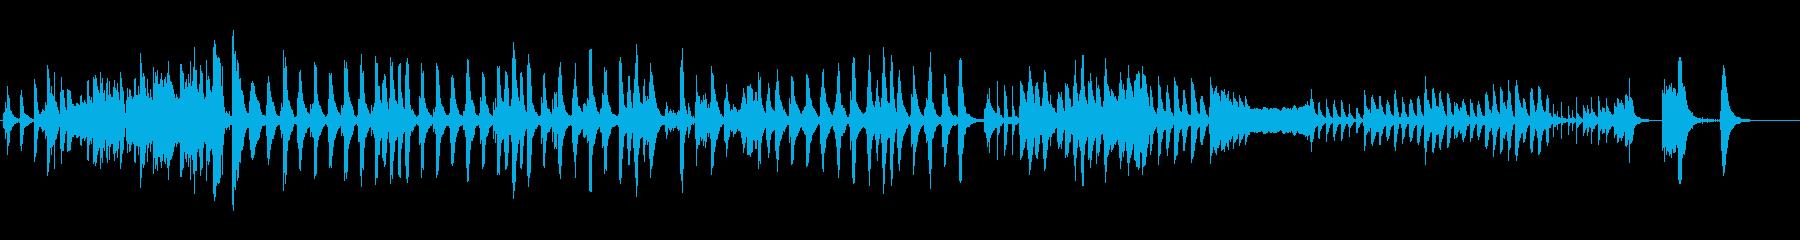 いたずらっぽく、ほっこりとしたBGMの再生済みの波形